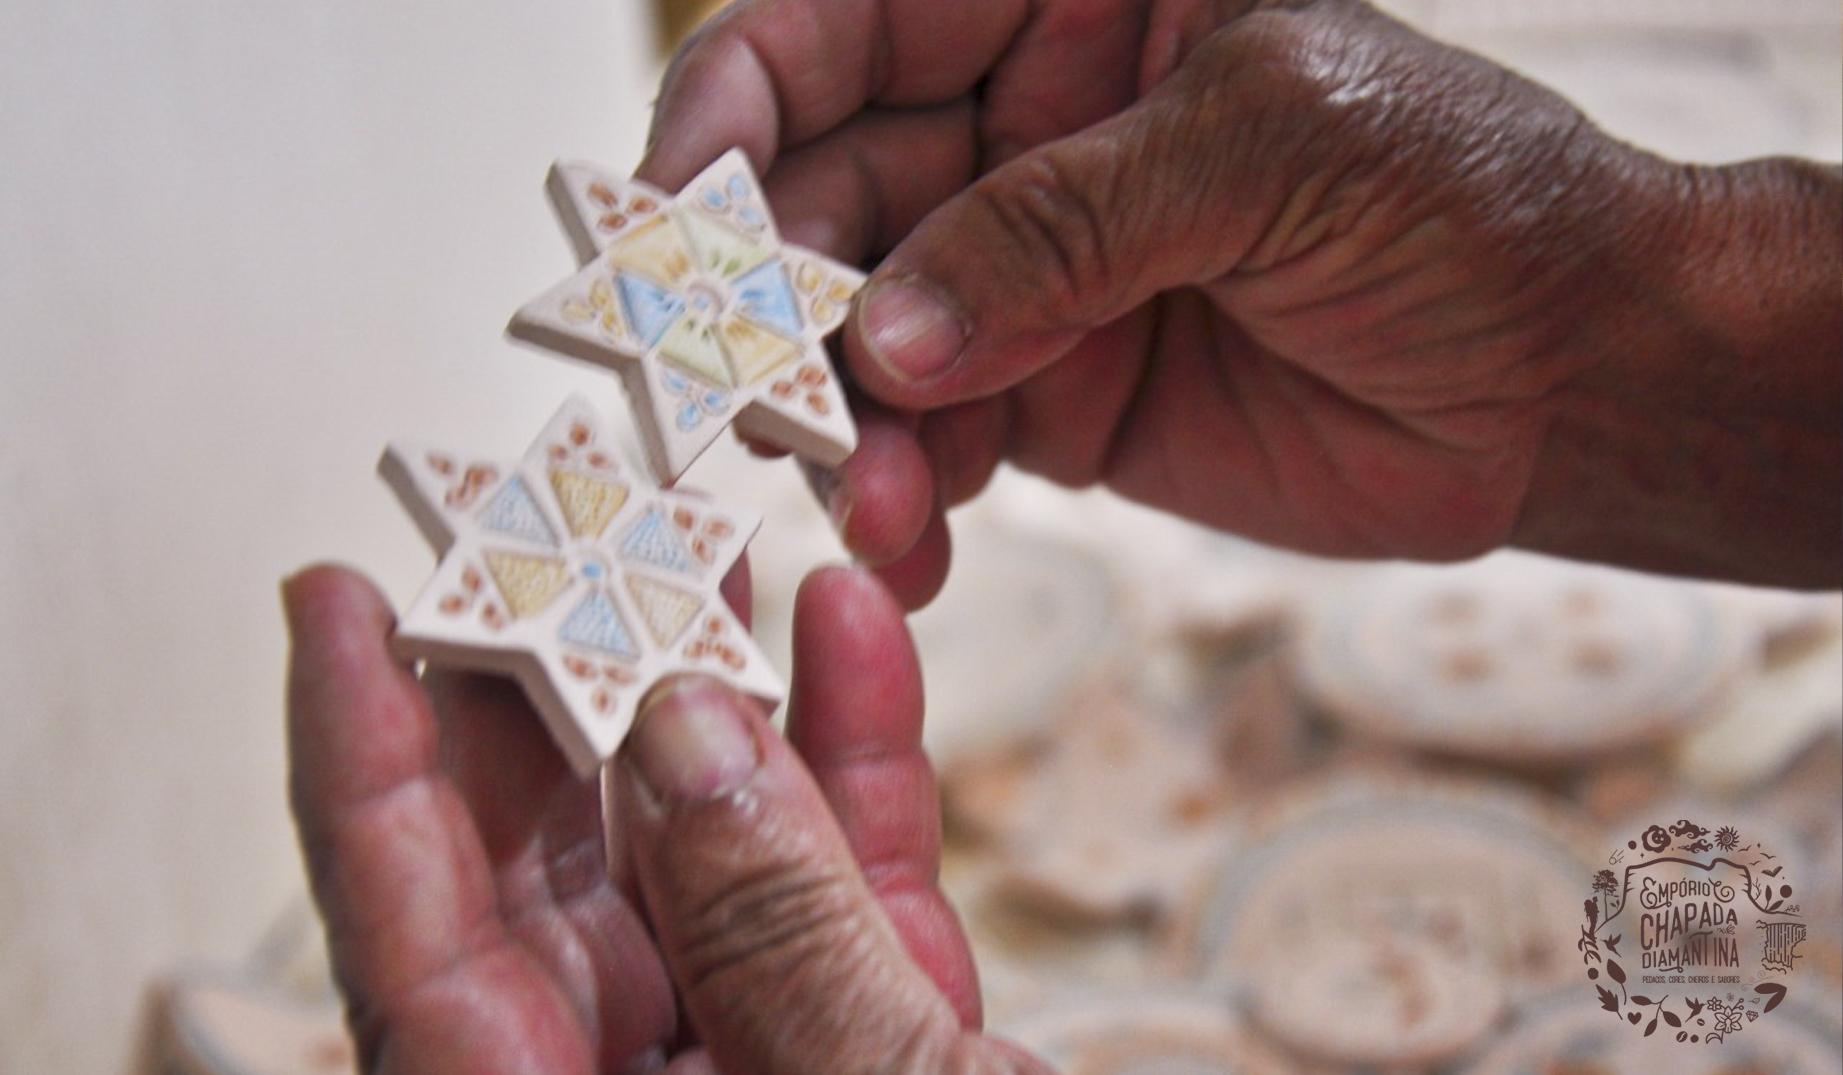 3 - Mara Alada, a ceramista baiana que dá asas à imaginação